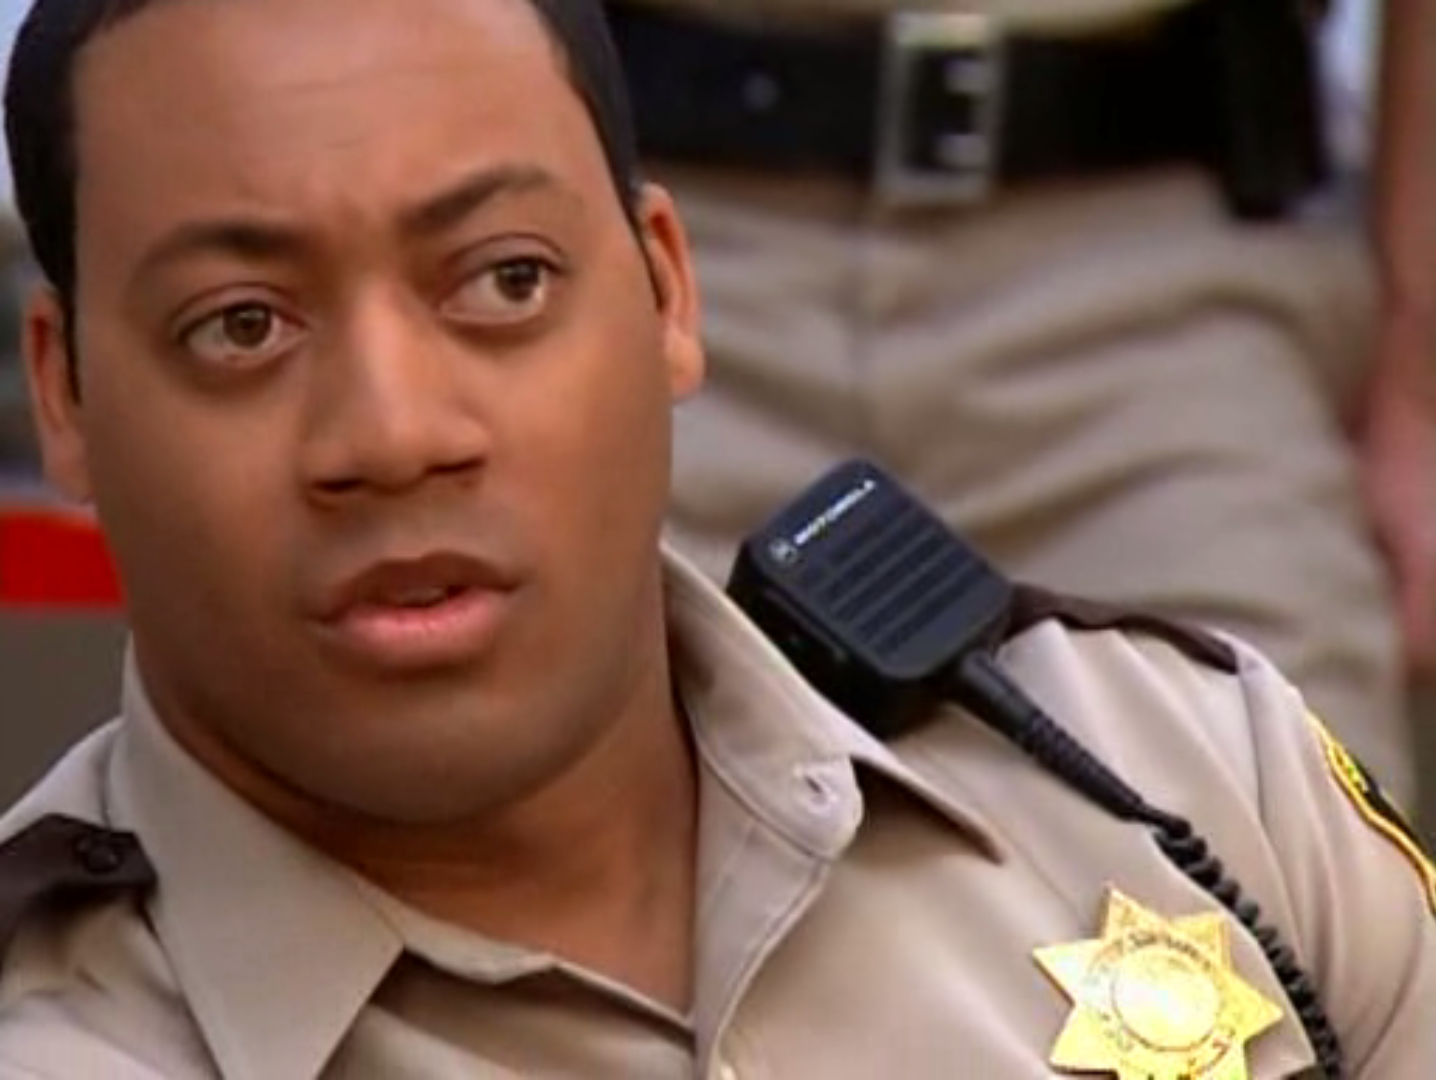 Deputy Jones